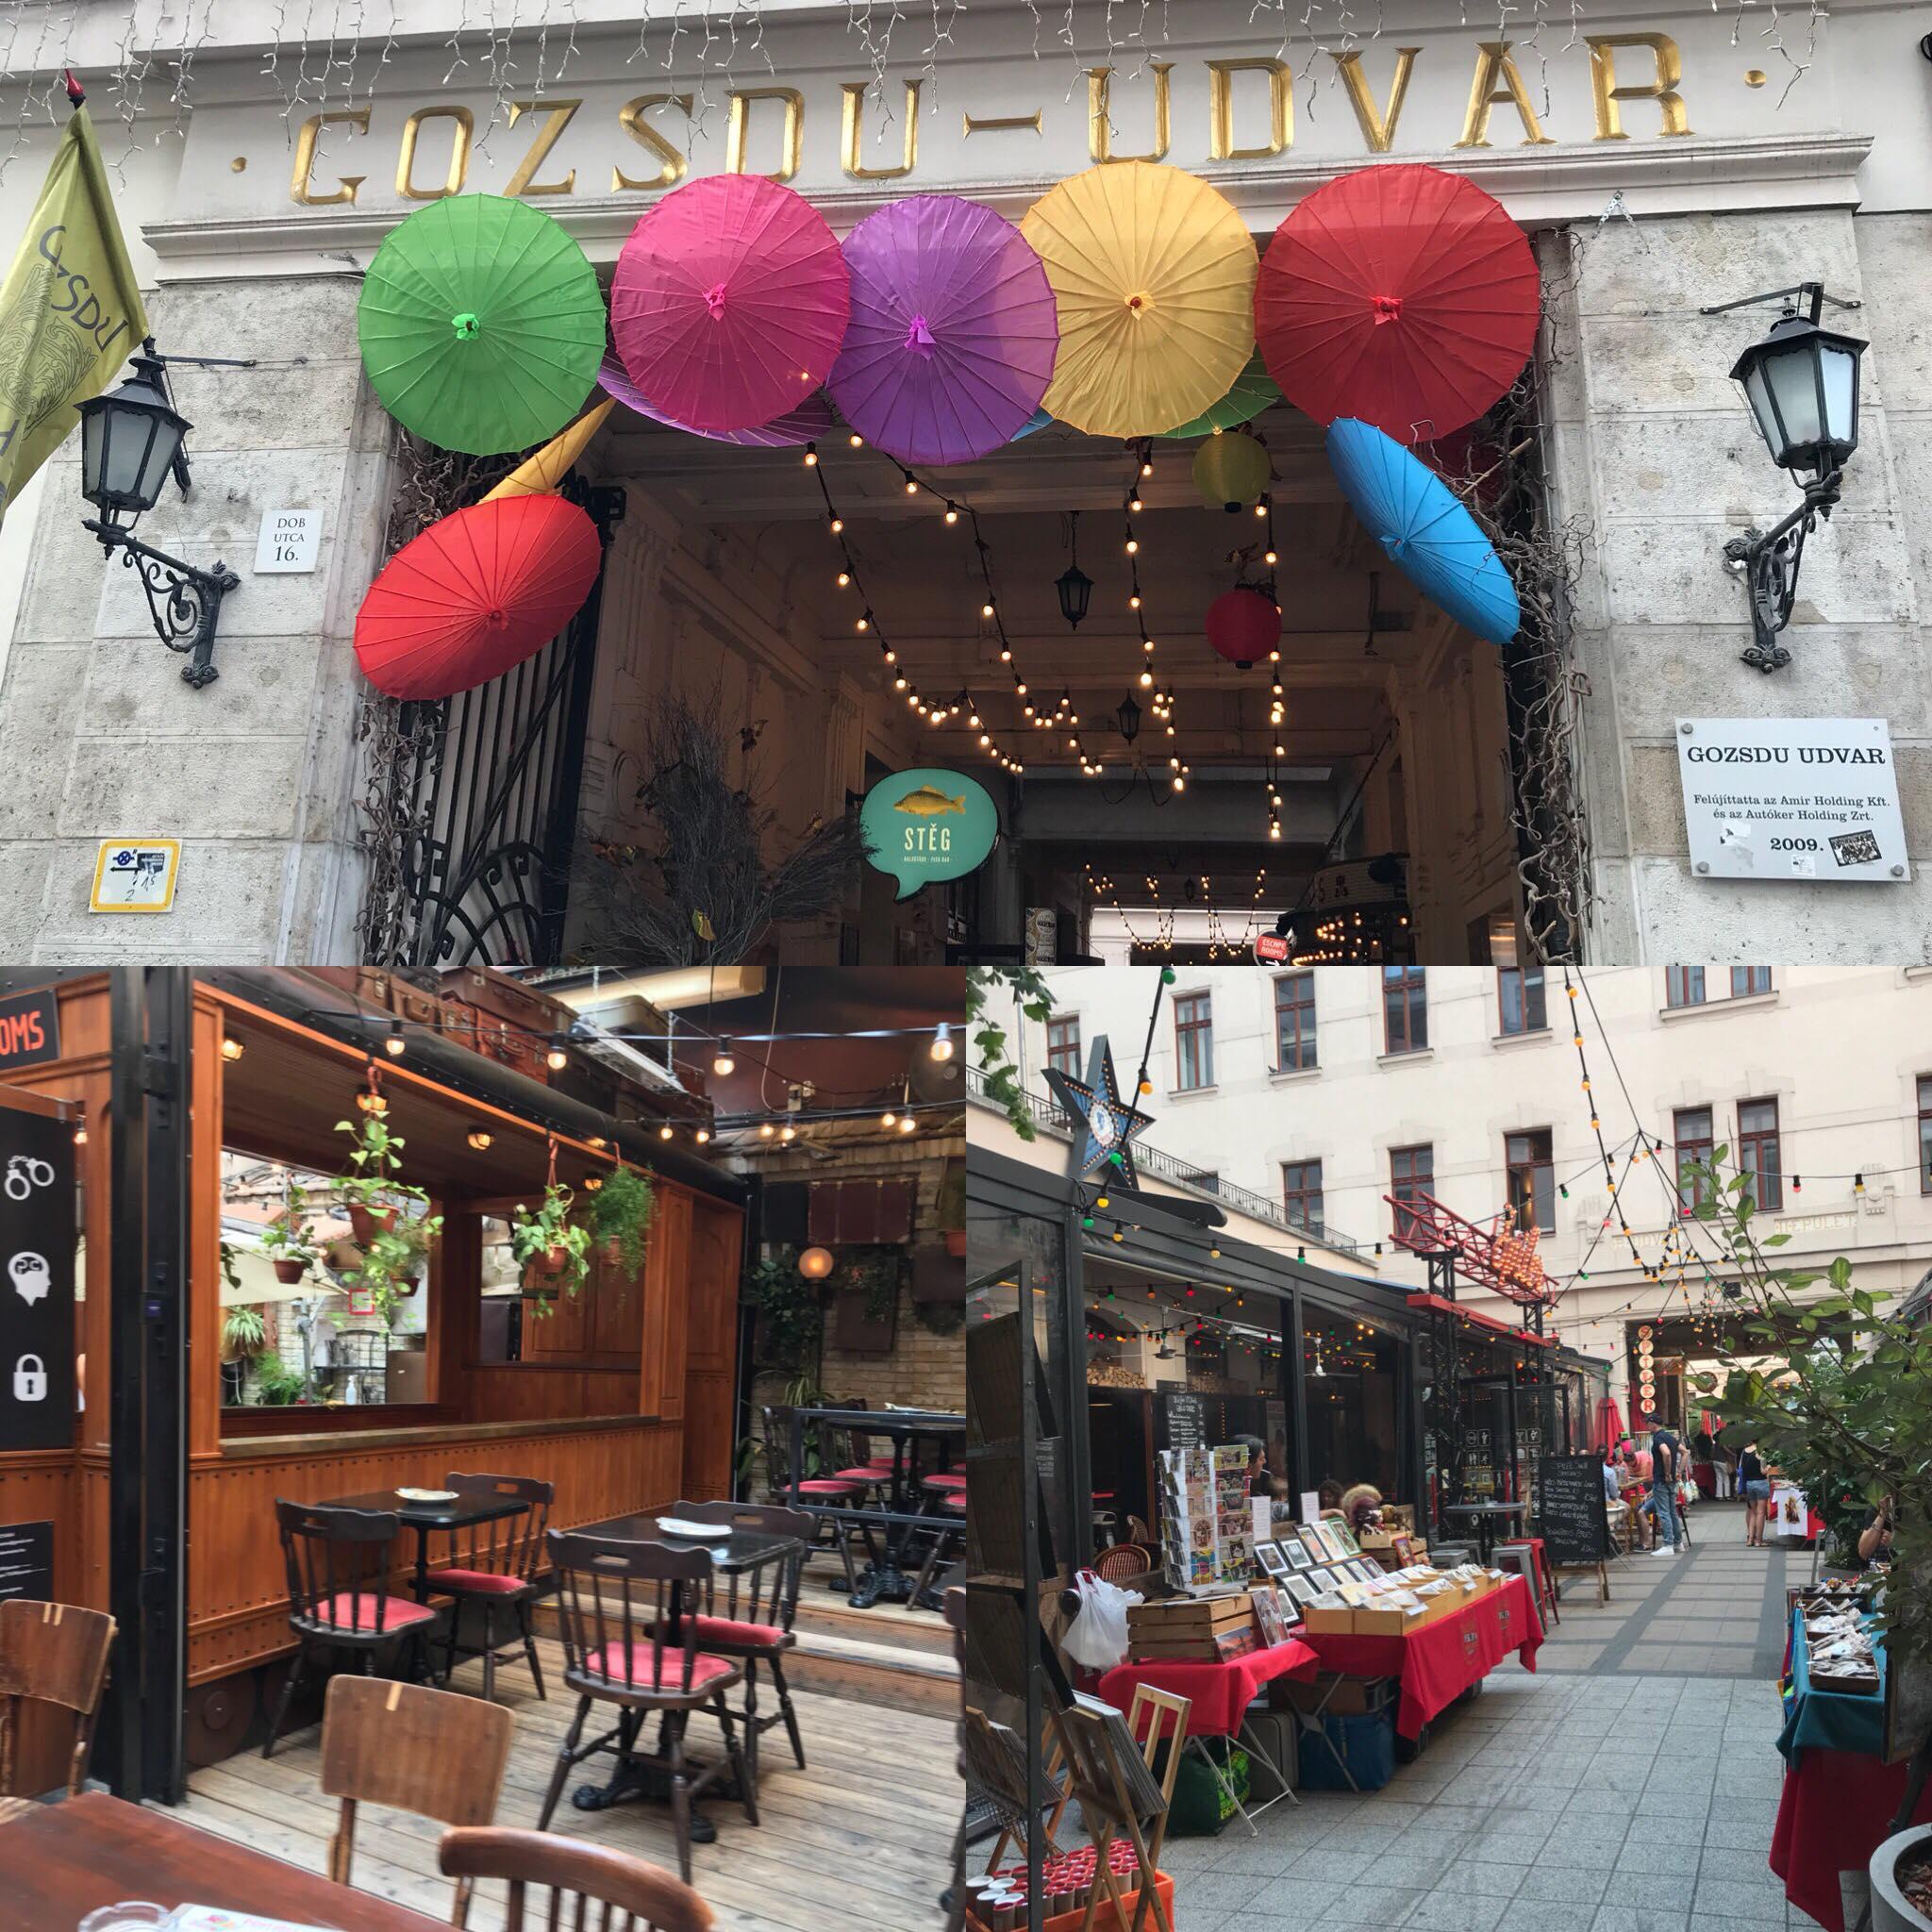 budapest, festgade, rejse, rejseguide, shopping, sjov, drinks, bar, ungarn, sjov, ferie